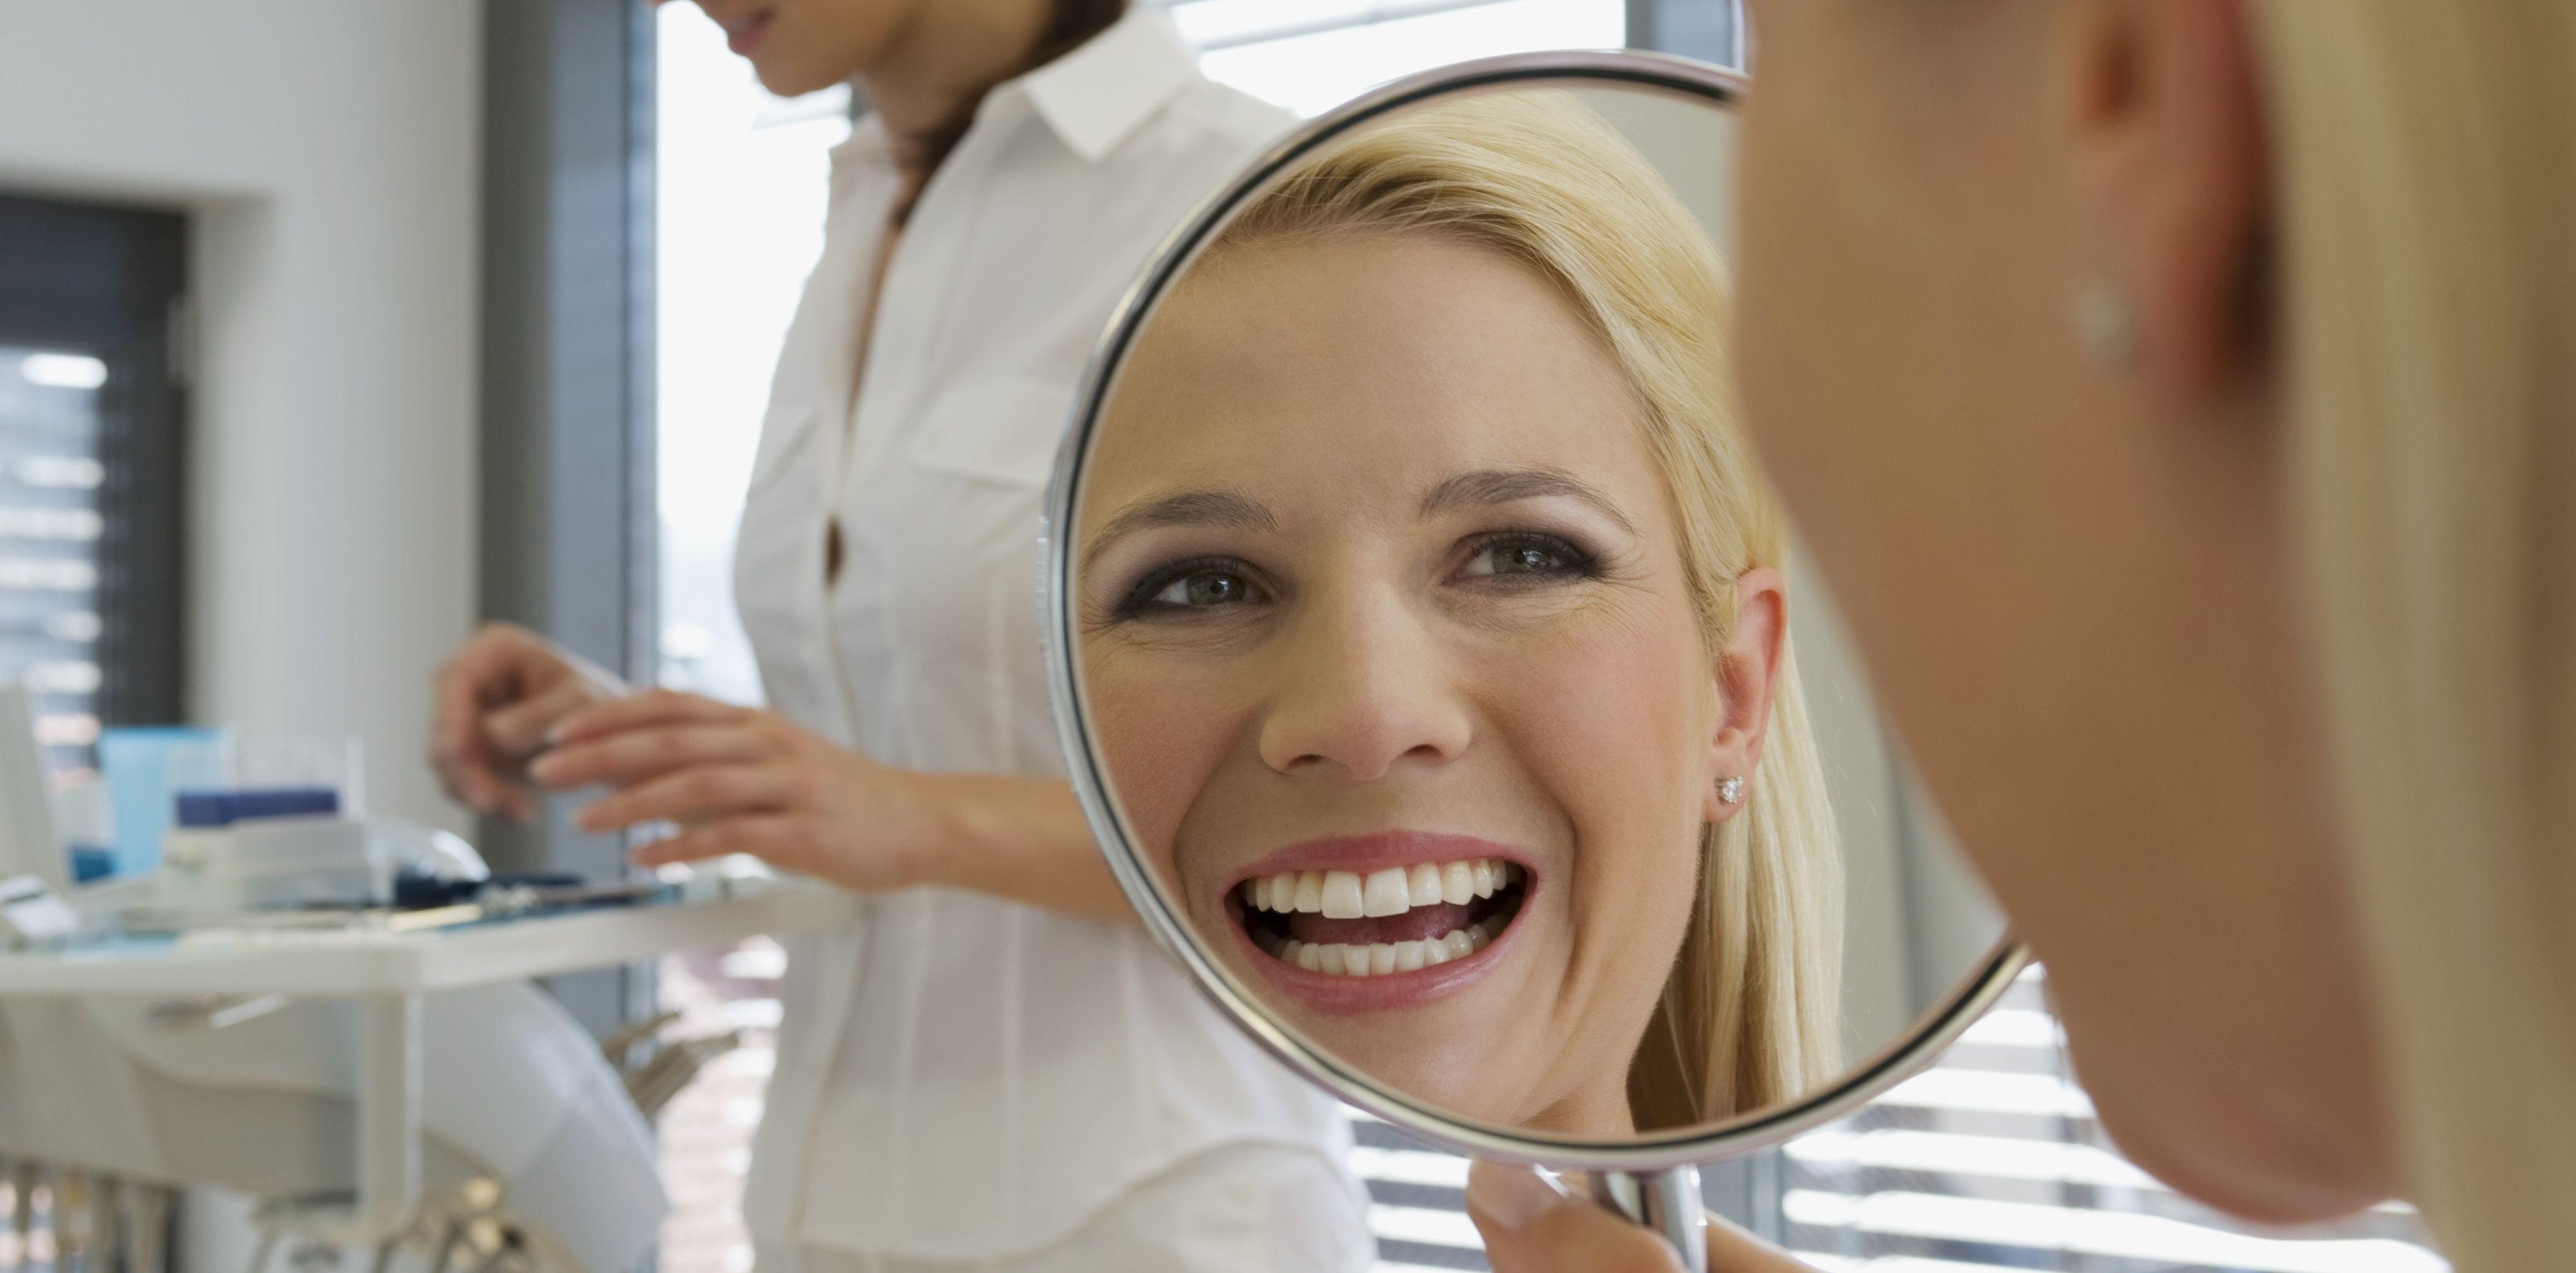 krasivaya-blondinka-u-stomatologa-foto